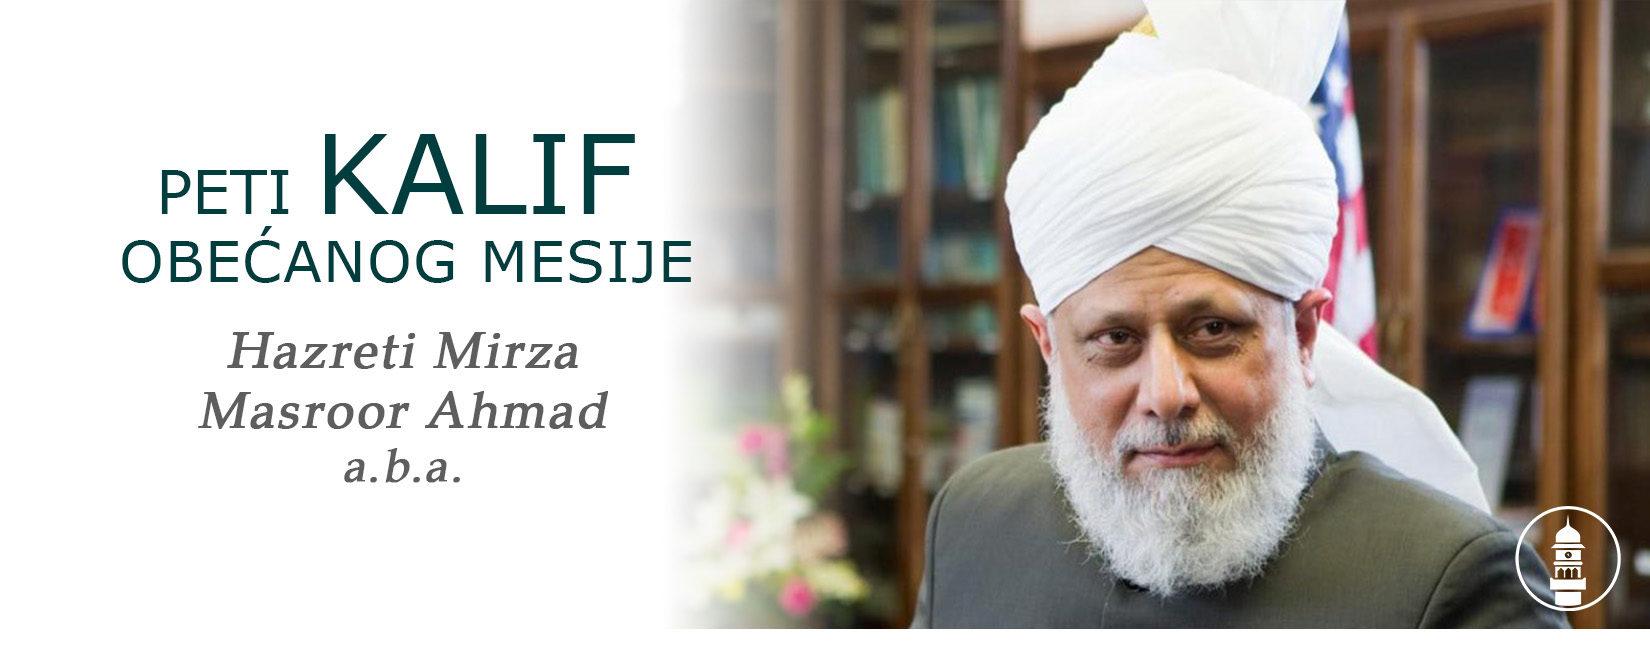 Peti Kalif Obećanog Mesije - Hazrat Mirza Masroor Ahmad a.b.a.